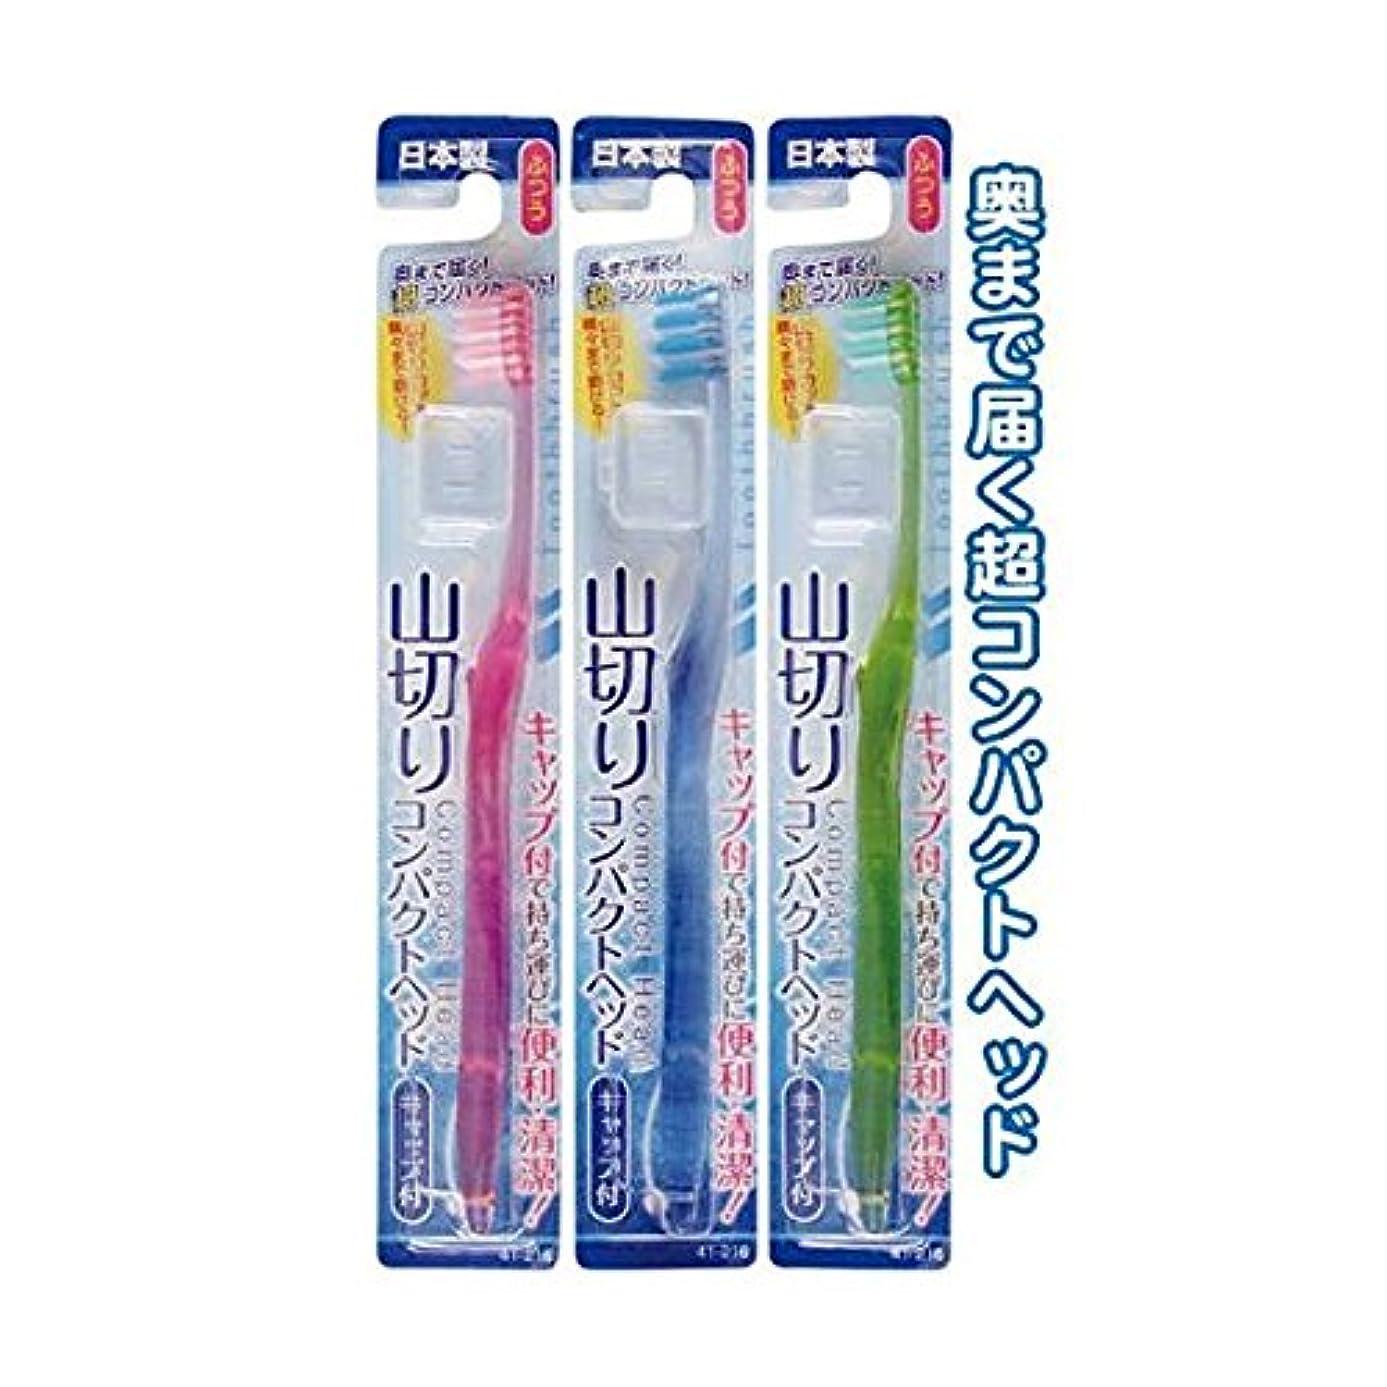 後悔仕出します修復コンパクトヘッドキャップ付歯ブラシ山切ふつう日本製 [12個セット] 41-216